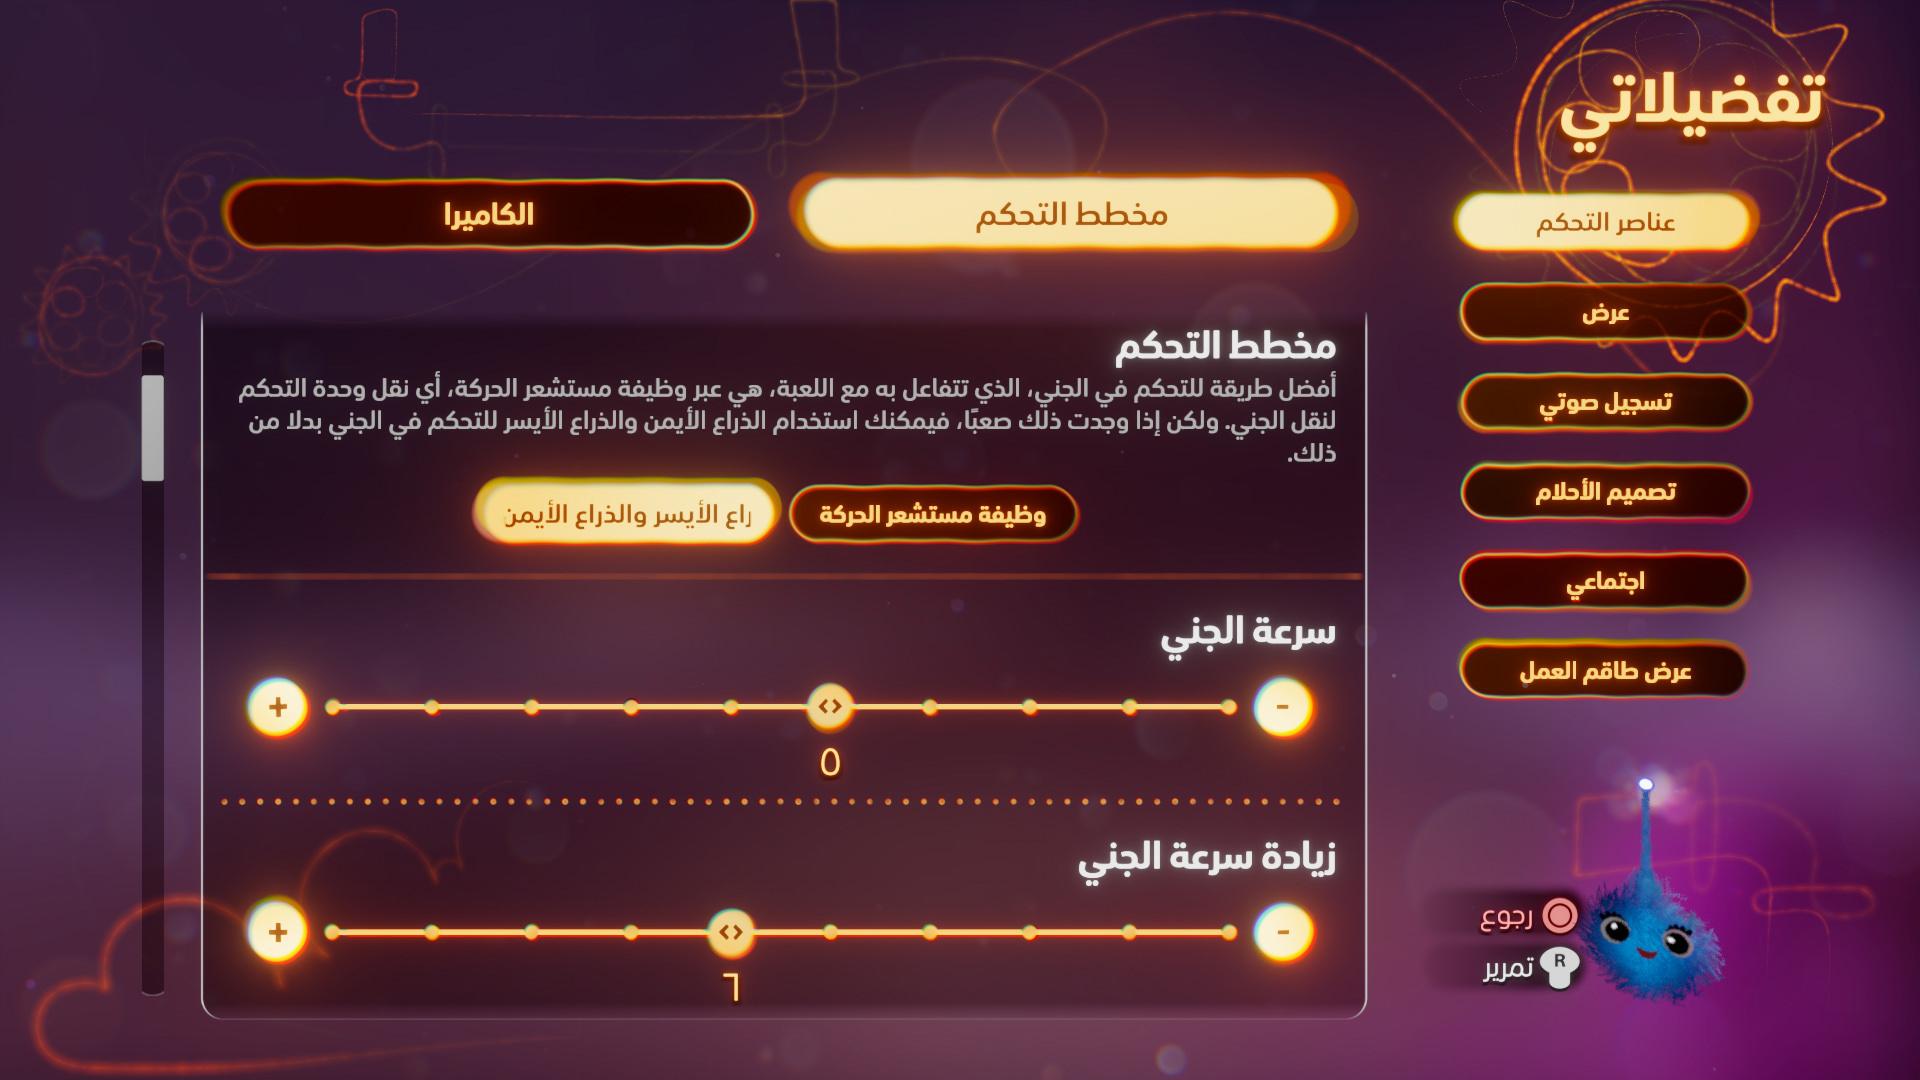 لقطة شاشة تُظهر خيارات مخطط التحكم في قائمة التفضيلات